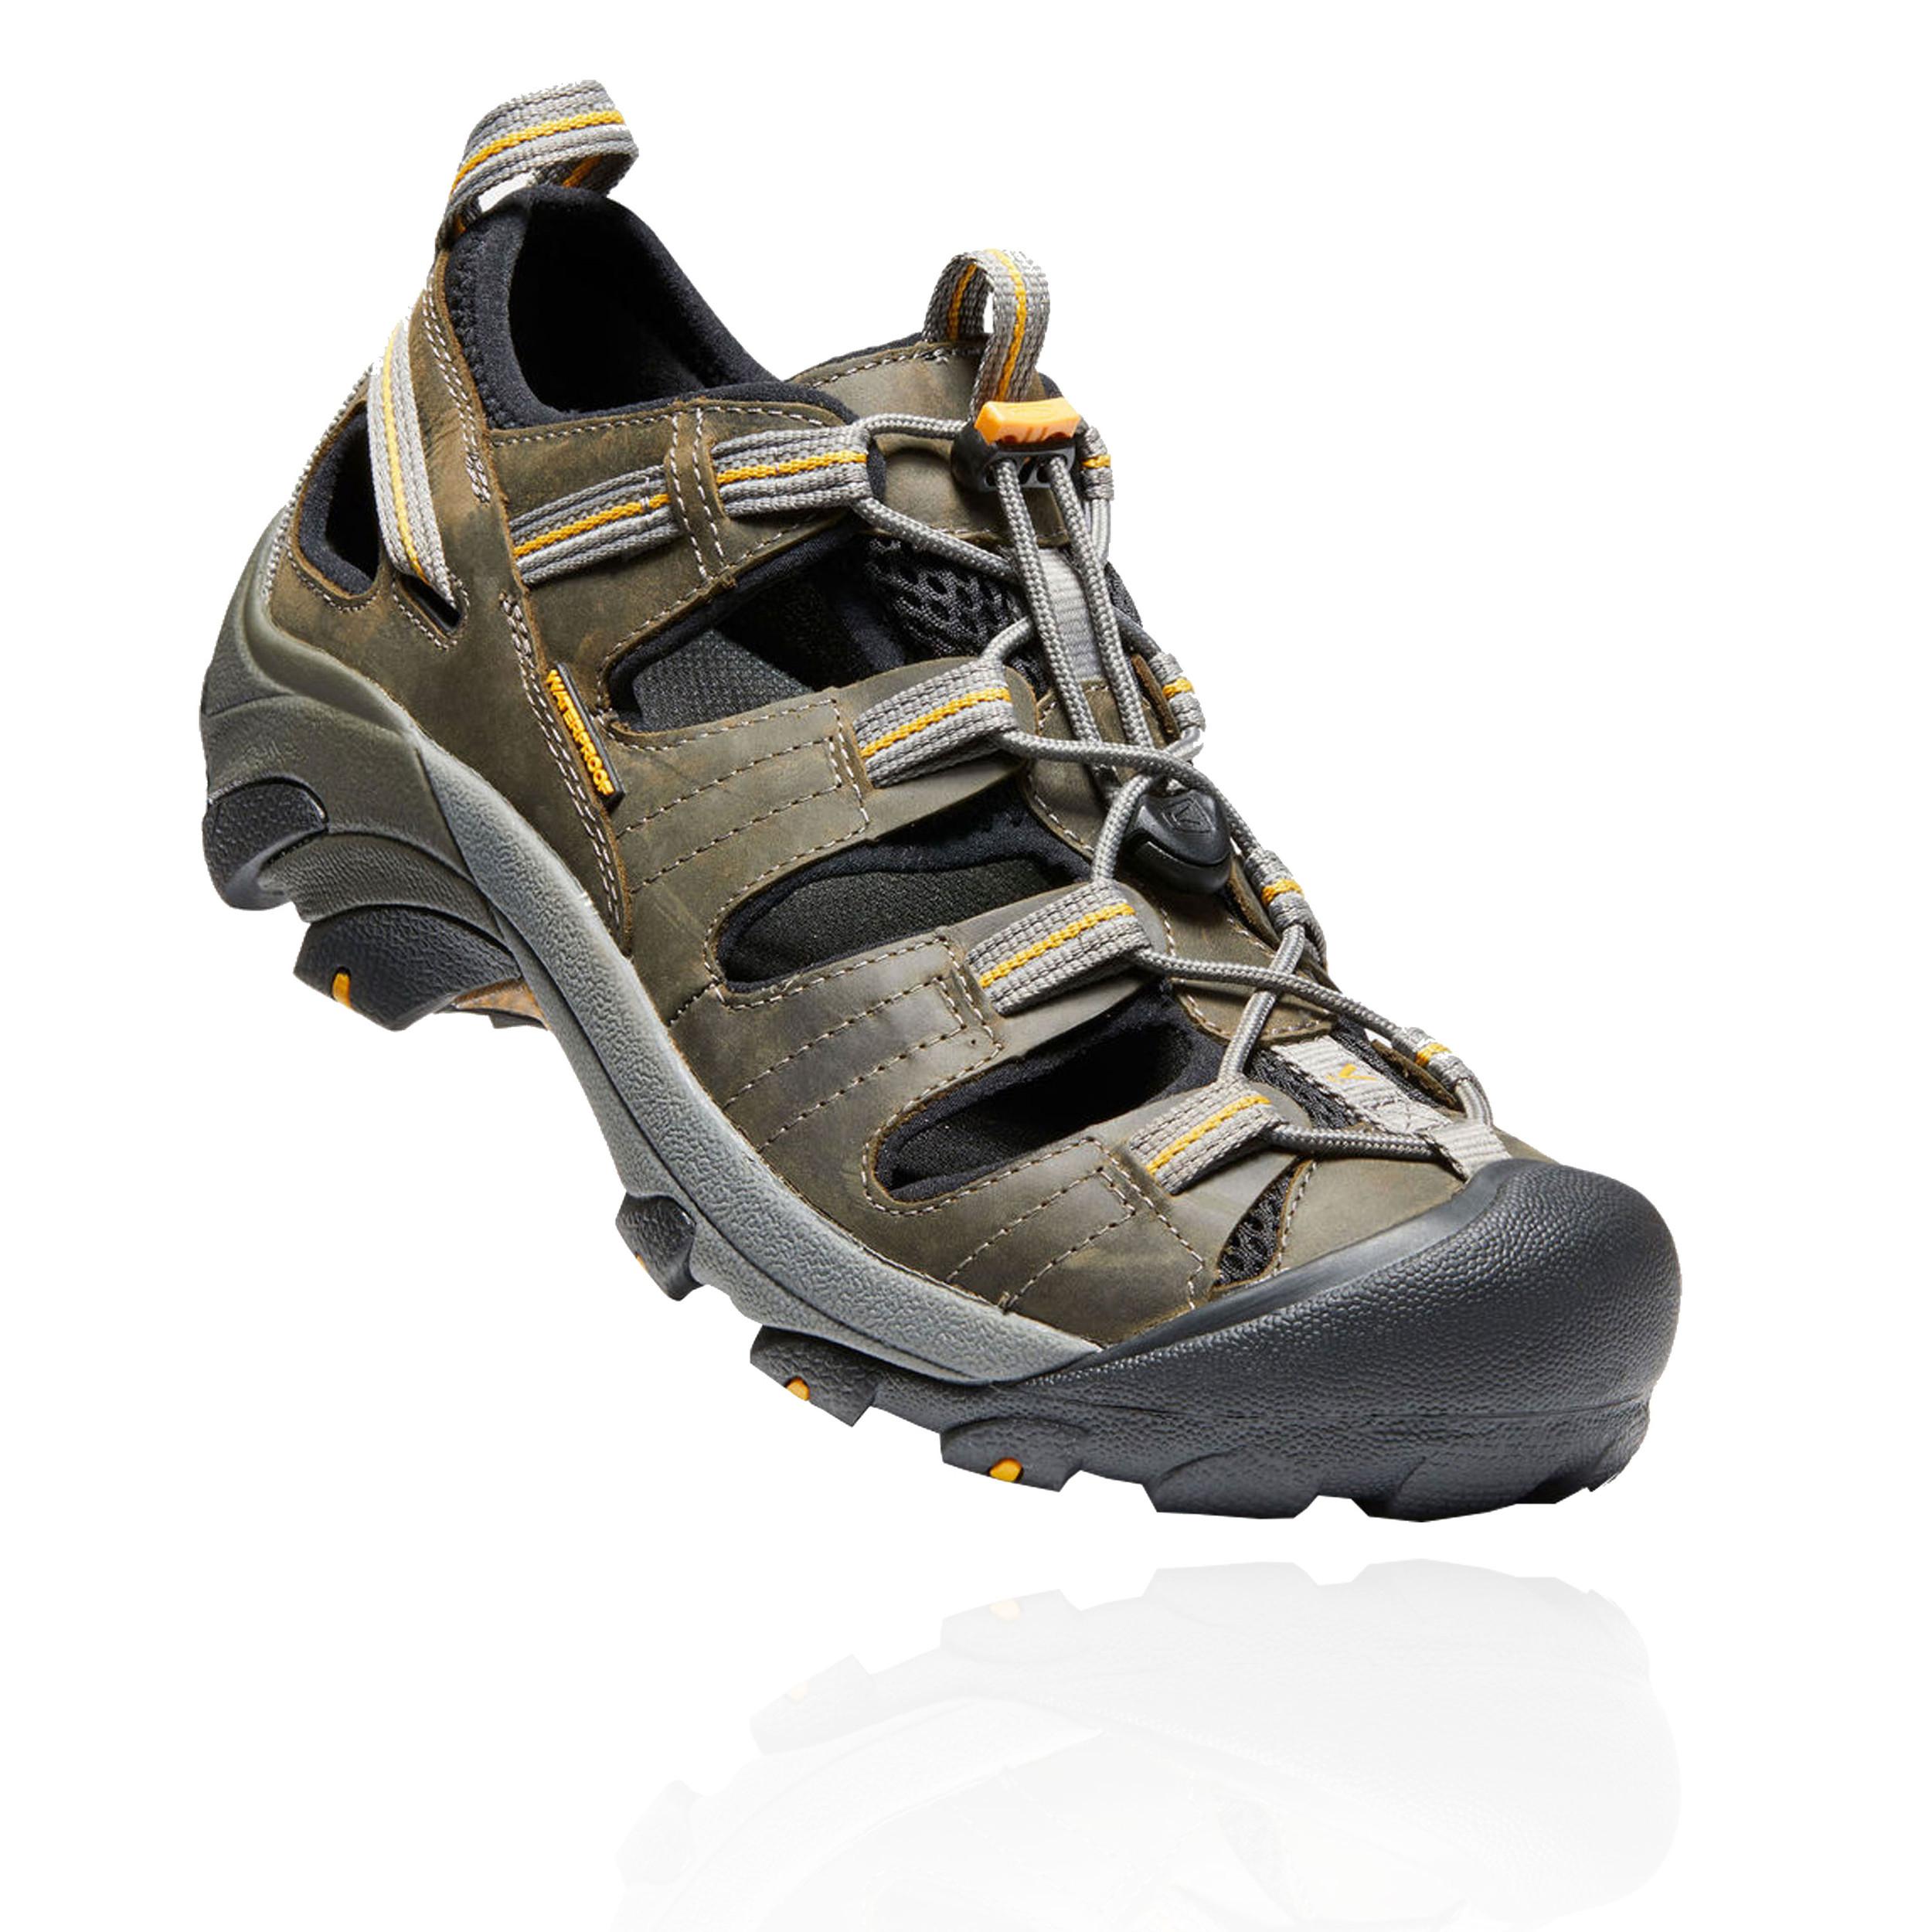 647fbfaa Keen Hombre Arroyo Ii Caminar Zapatos Sandalias Verde Deporte Exterior